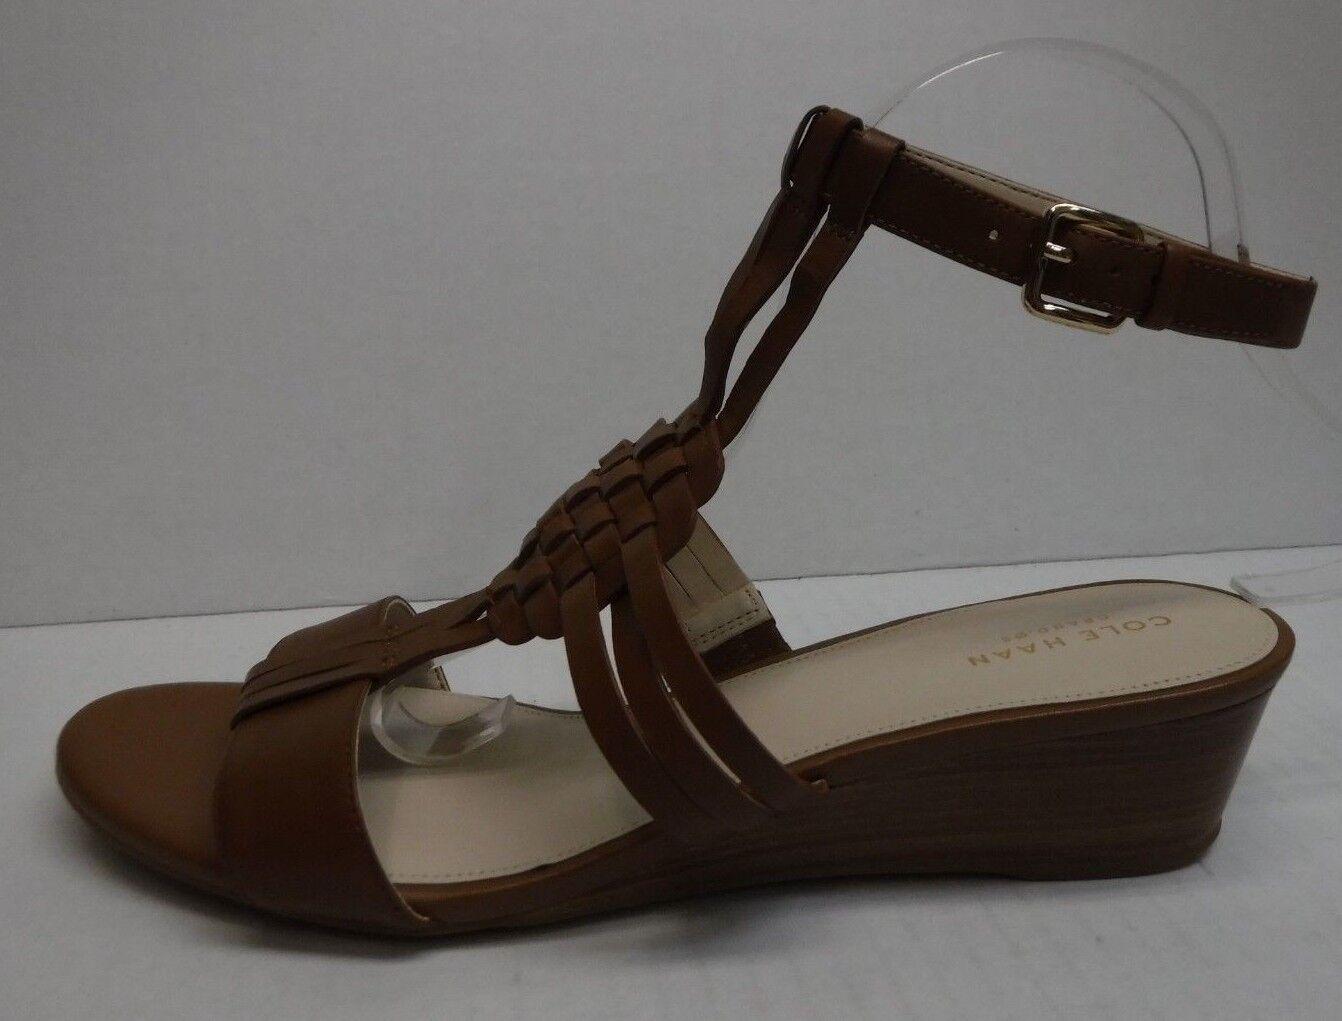 Cole Haan Größe 7.5 Braun Leder Wedge Wedge Wedge Sandales New Damenschuhe Schuhes 1cc477